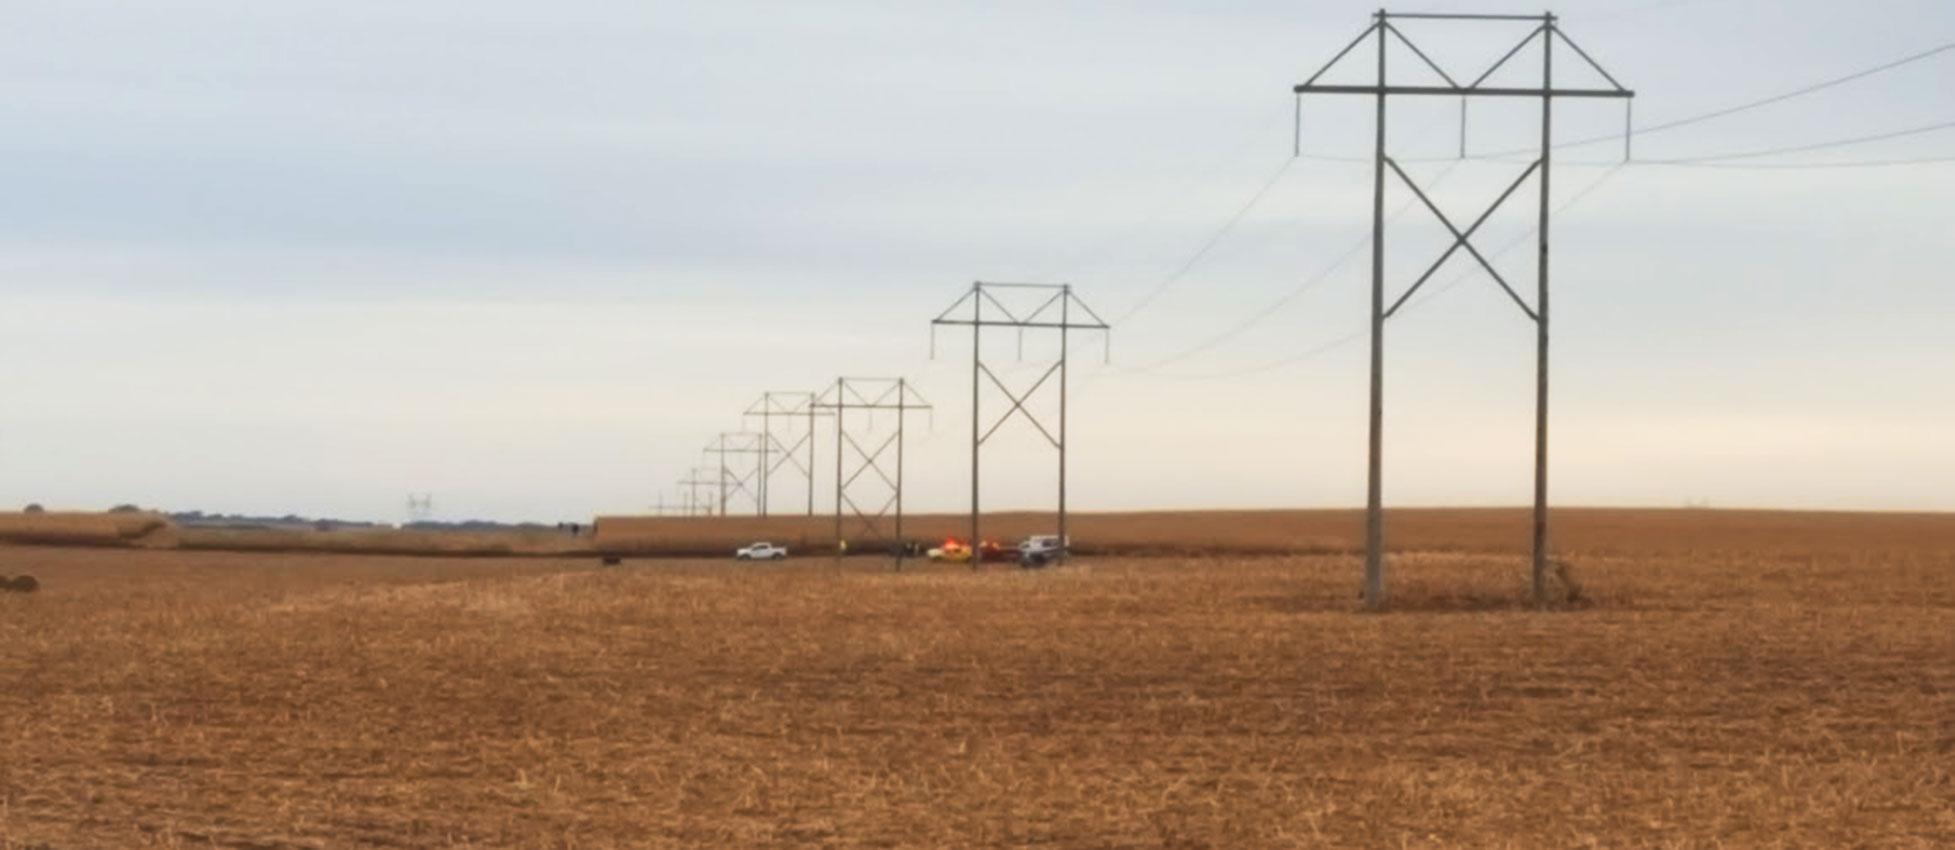 Courtesy KIWA helicopter crash West Lyon Iowa